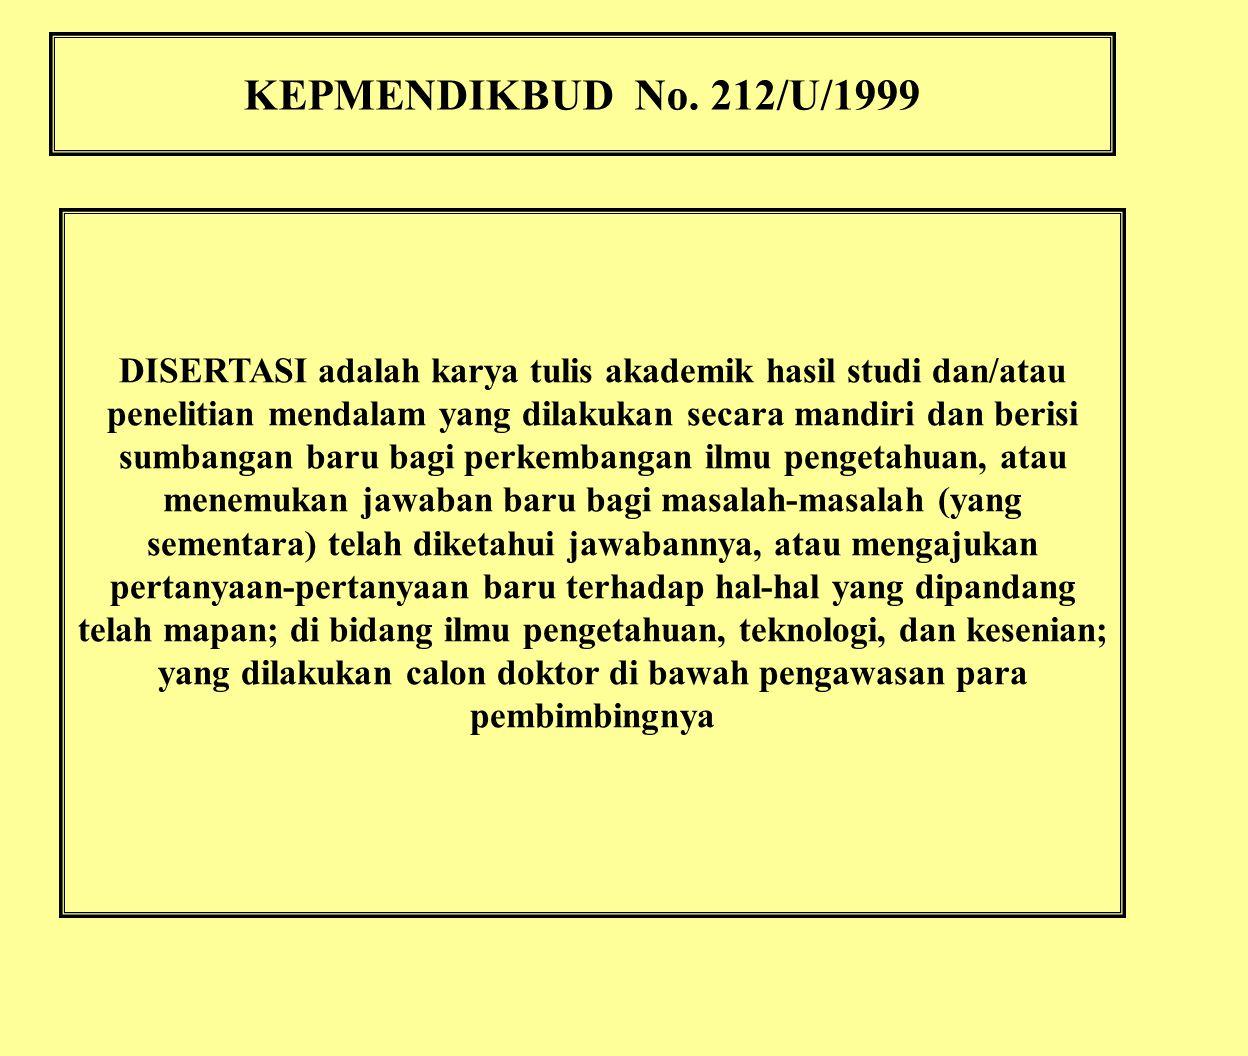 PEDOMAN PENULISAN ABSTRAK DALAM ARTIKEL PUBLIKASI ILMIAH 1.